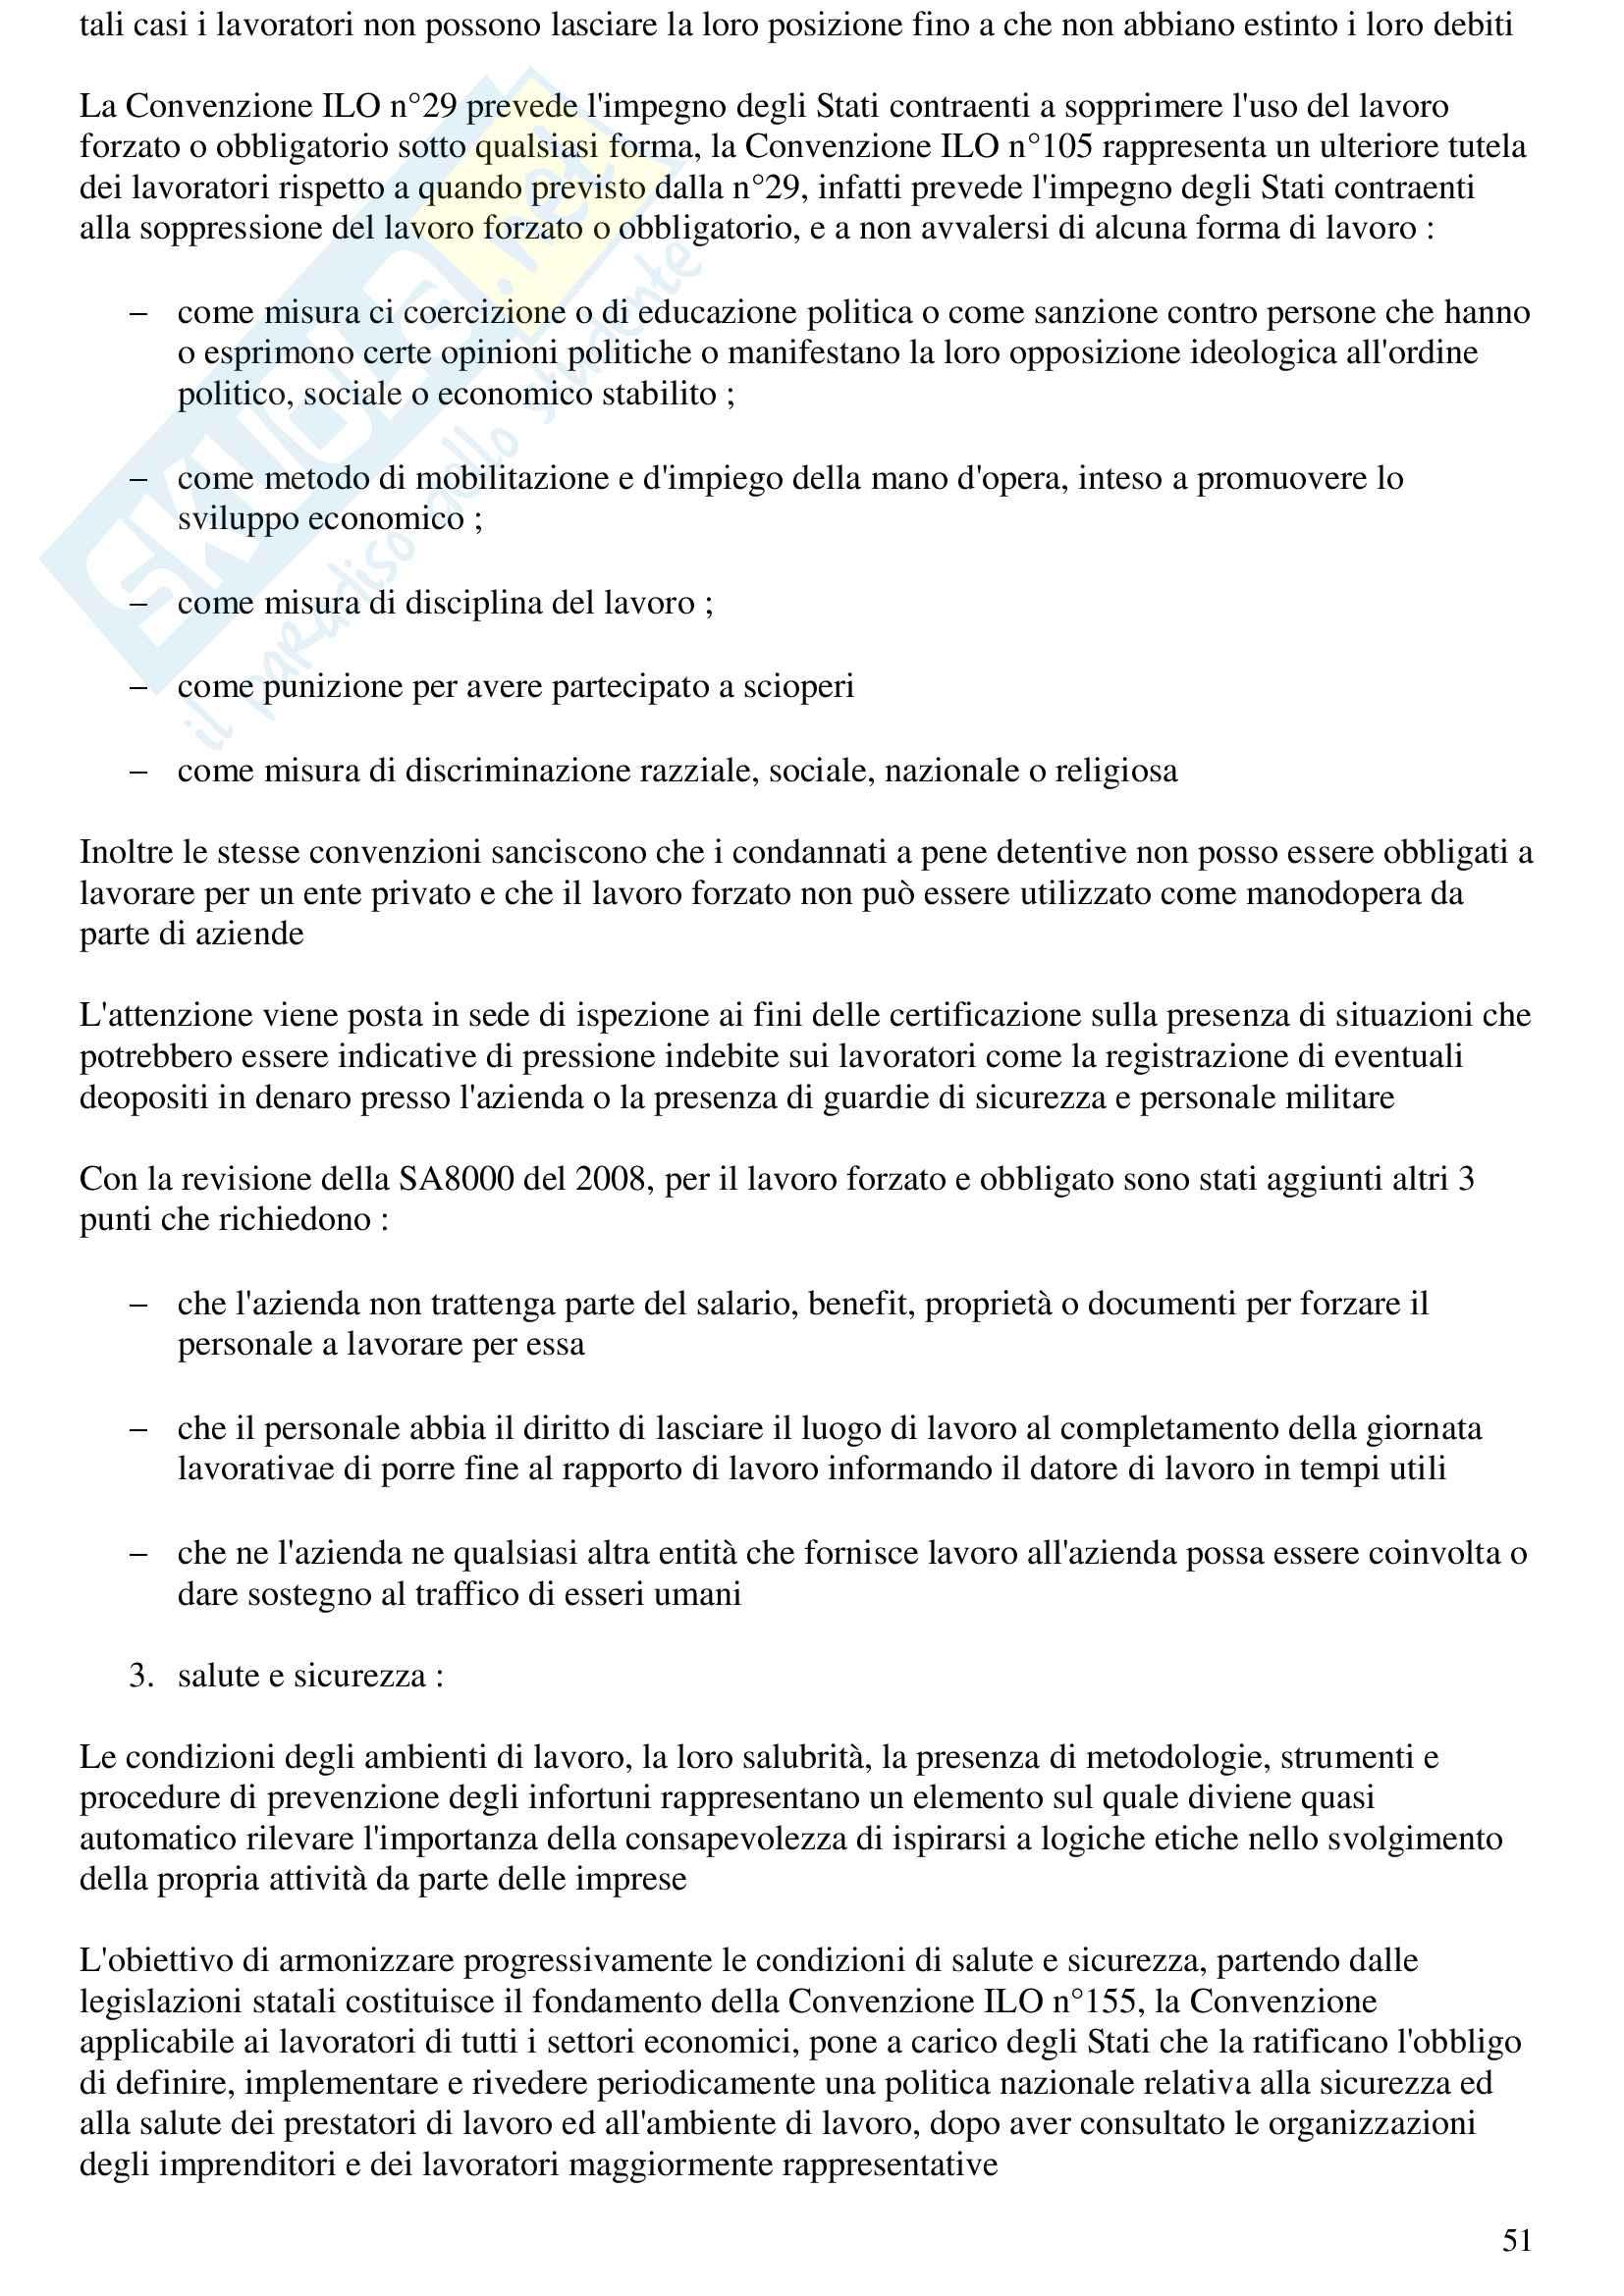 GEI Riassunti Modulo Renzi Pag. 51